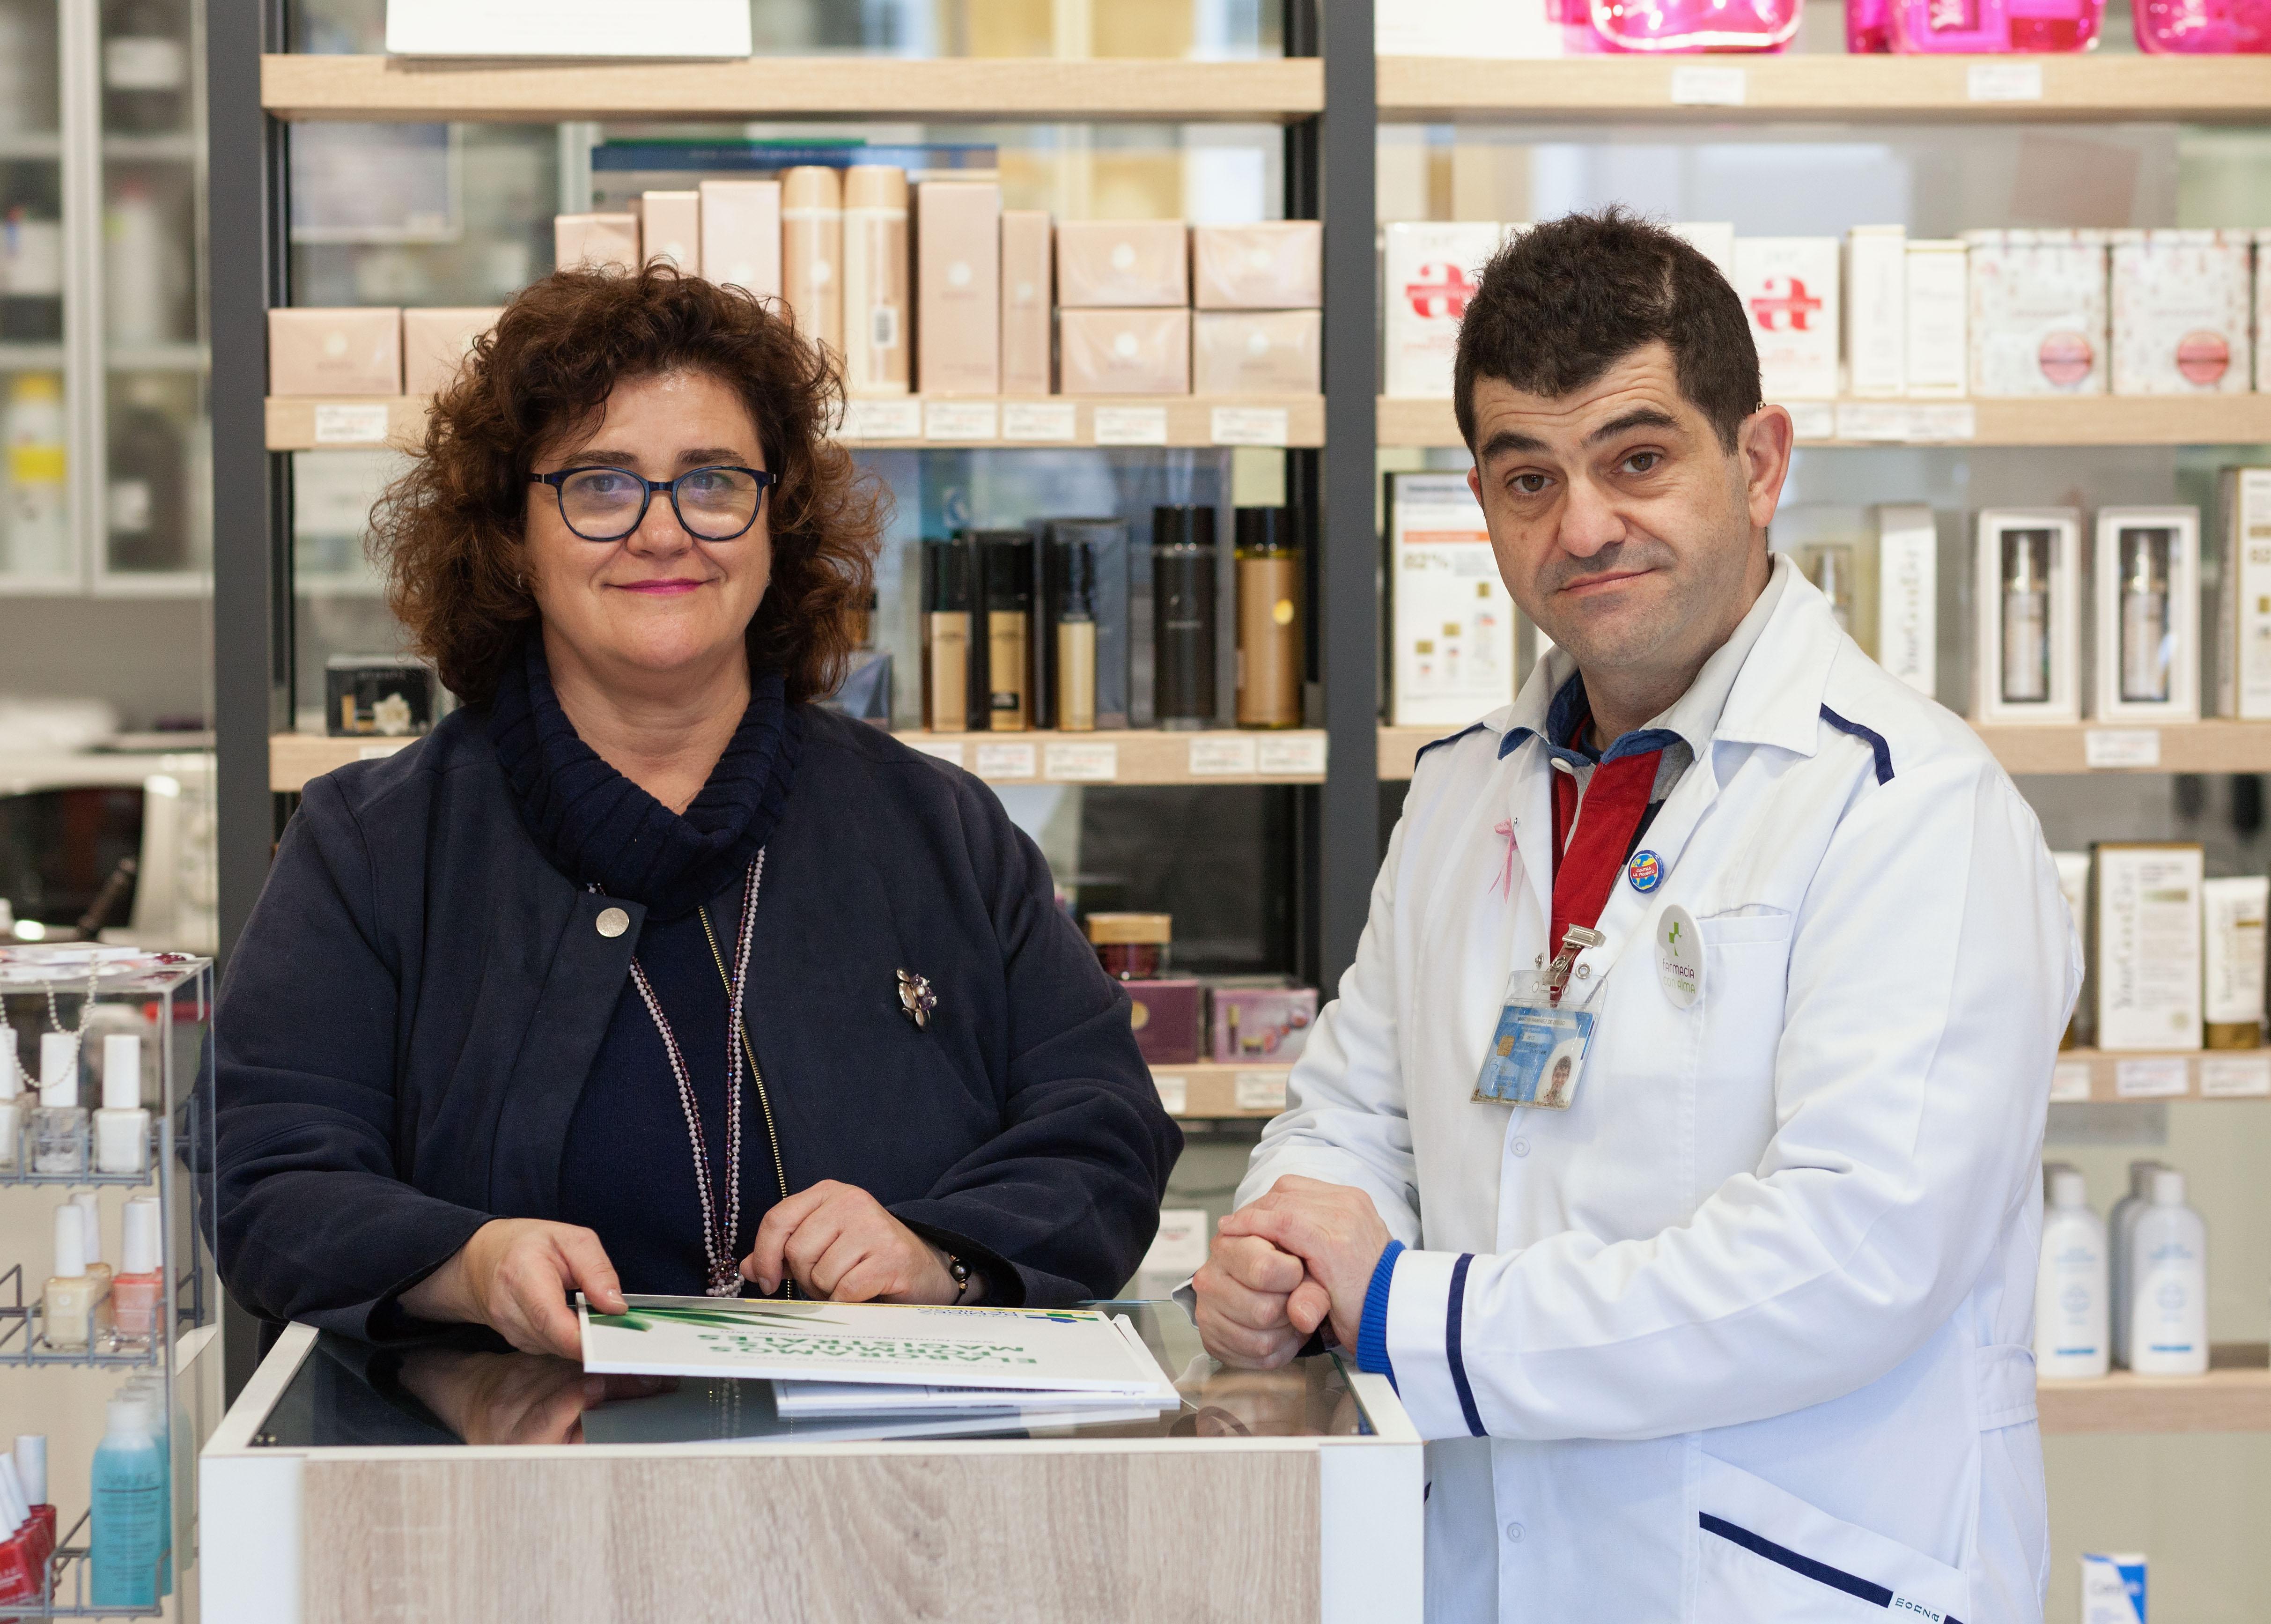 La Farmacia Ramírez de Diego lanza una gama de productos de cosmética natural y solidaria